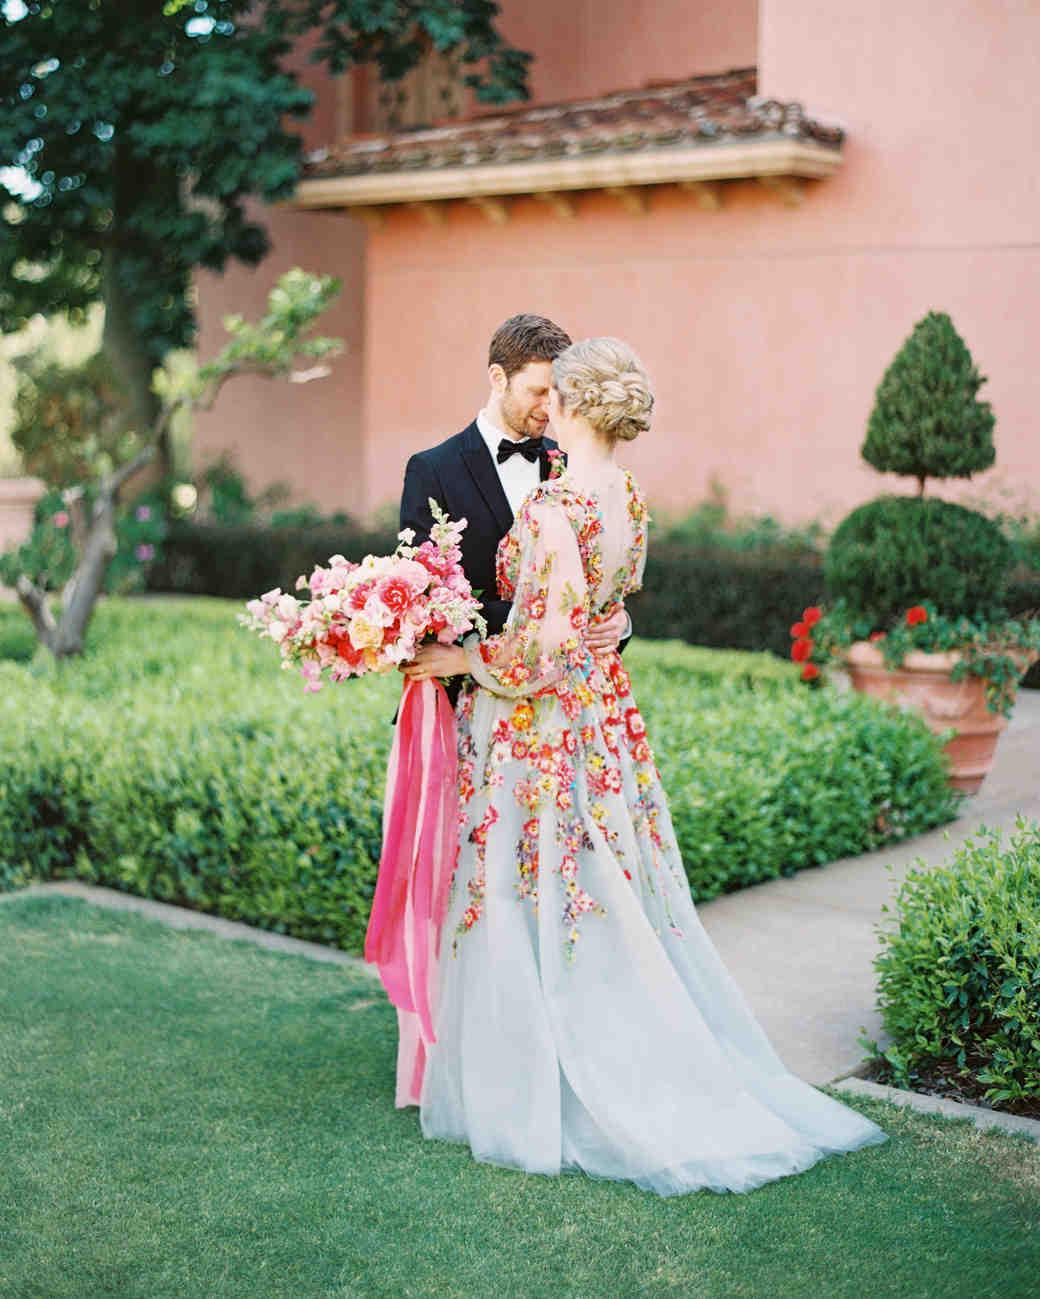 cavin david wedding bride and groom